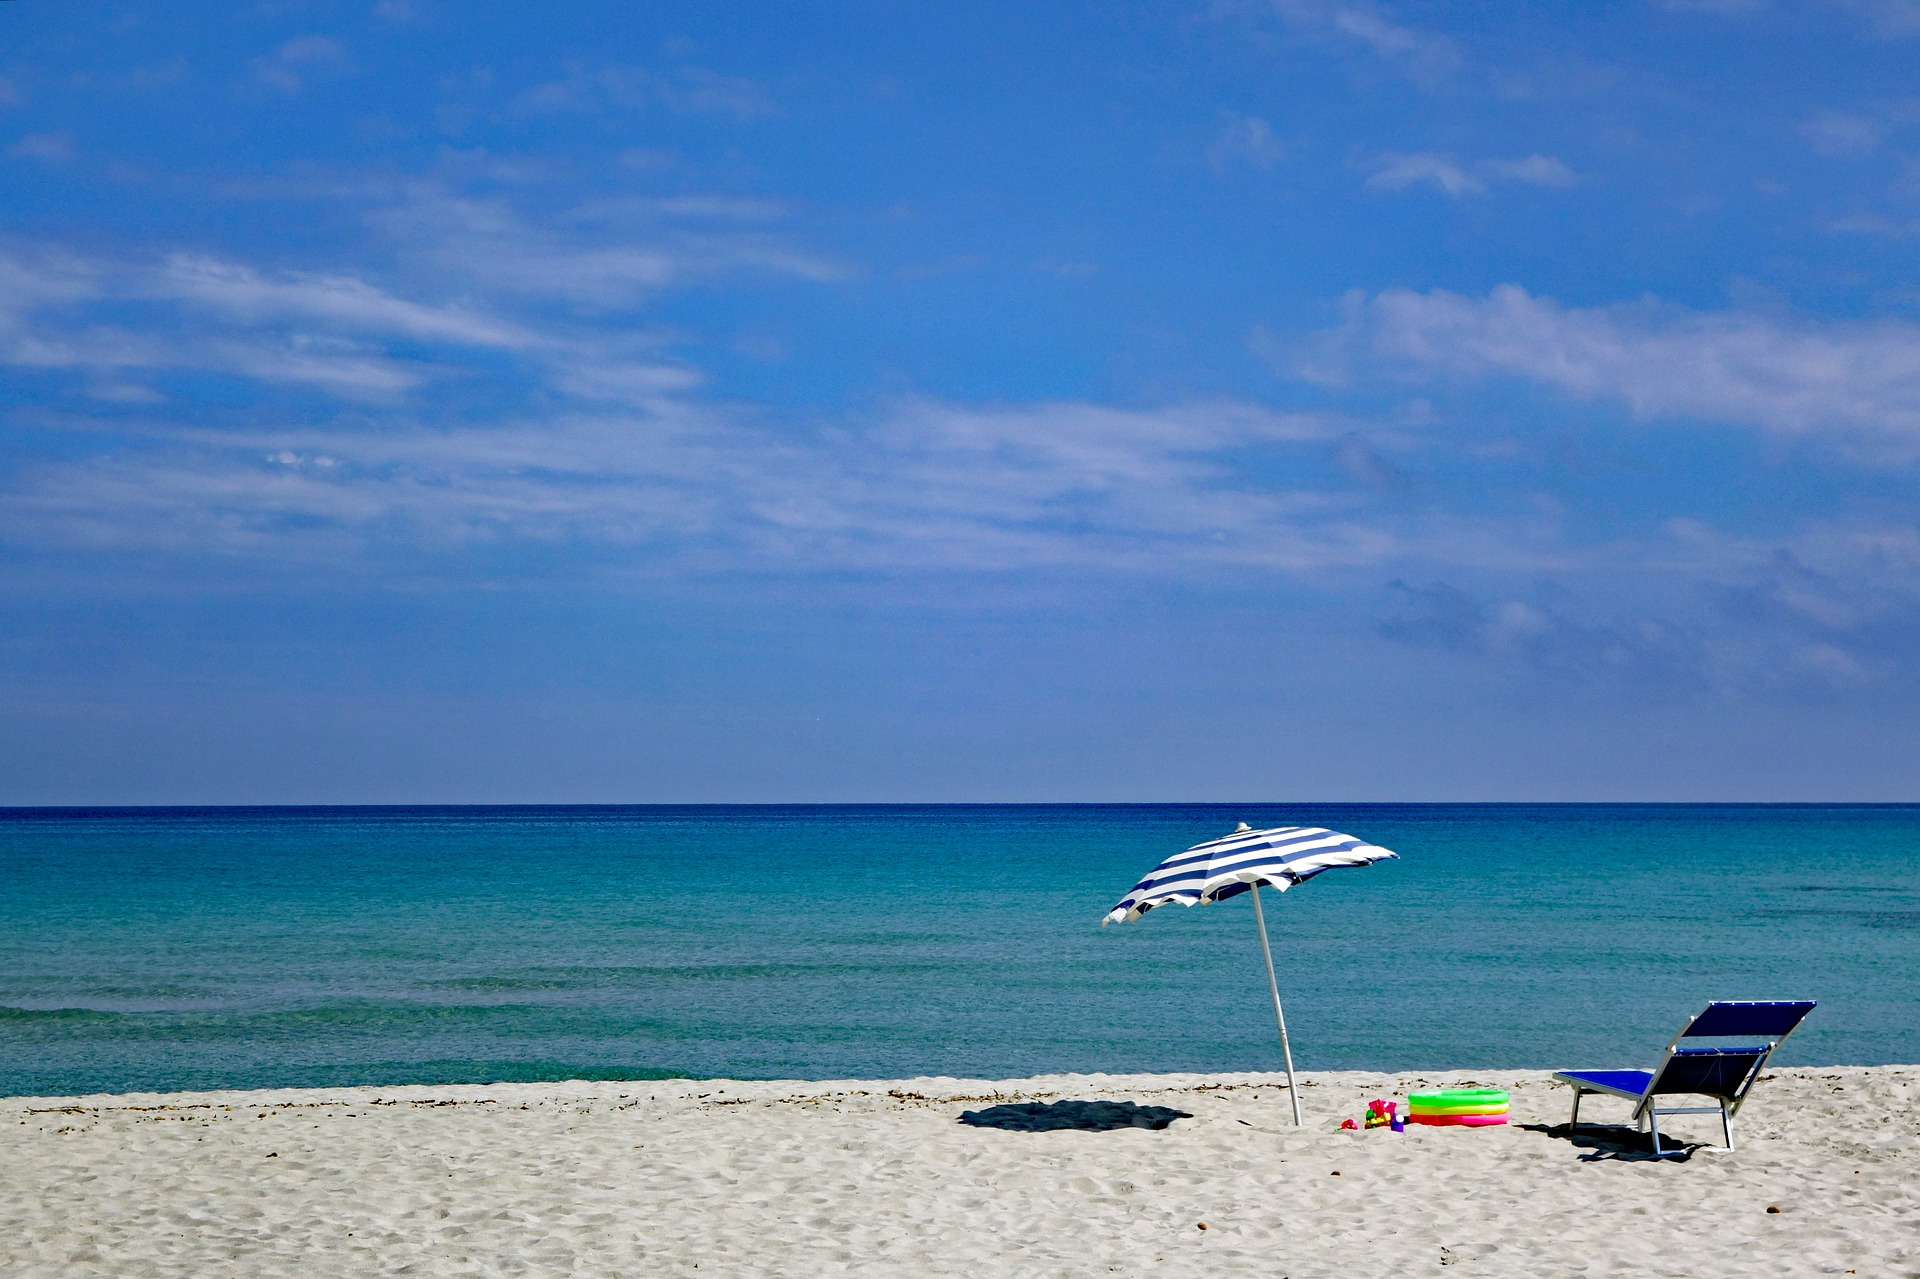 Familienurlaub Sardinien direkt am Strand ab 171,00€ 4 Sterne Familien Park